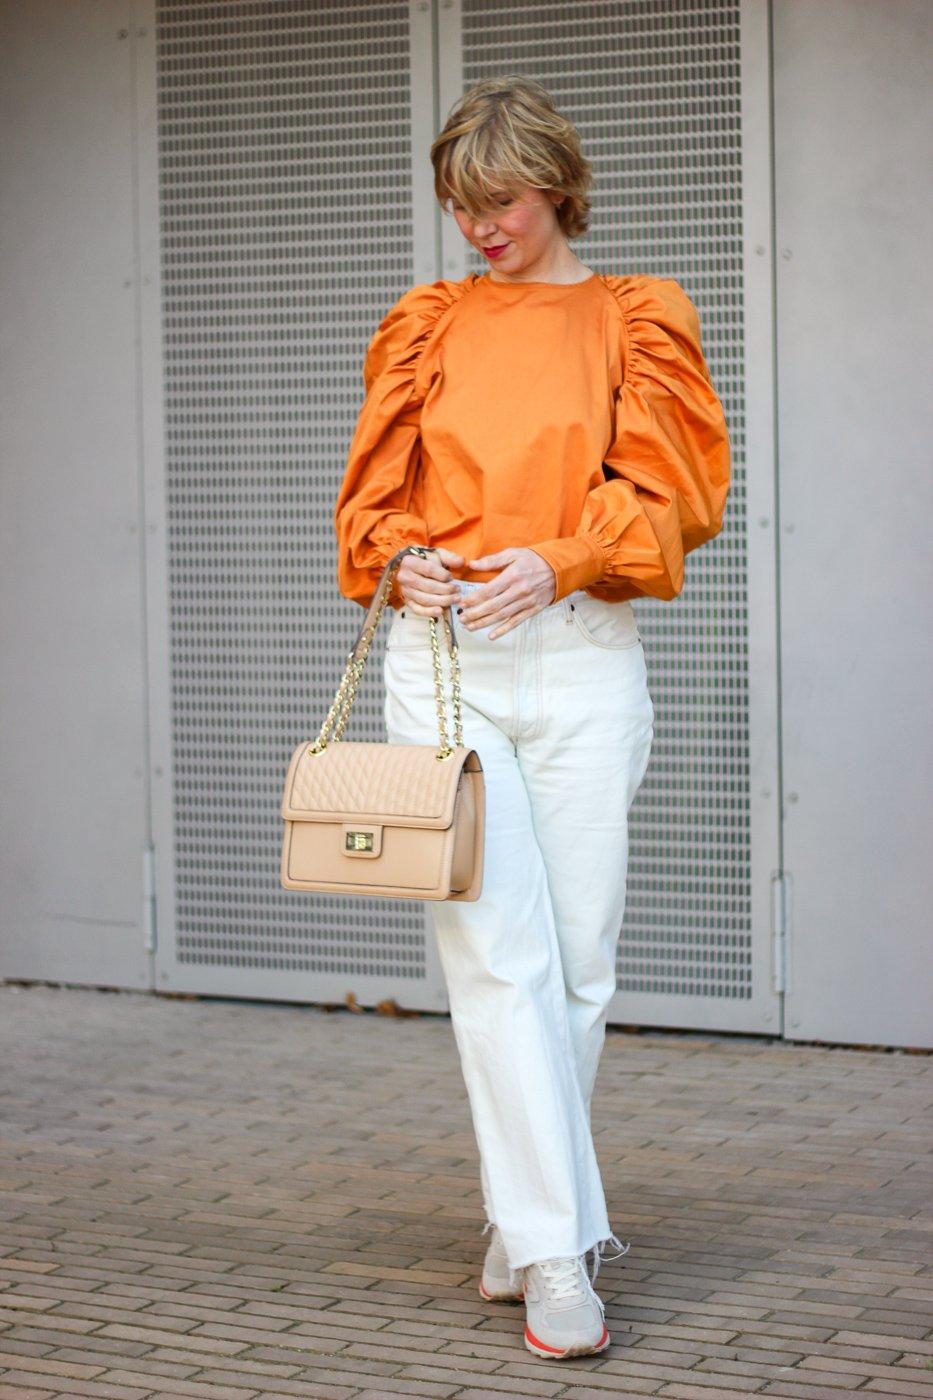 conny doll lifestyle: Bluse, nudefarbene Jeans, oranges Oberteil, Frühlingslook, Fashionblog, Übergangsstyling